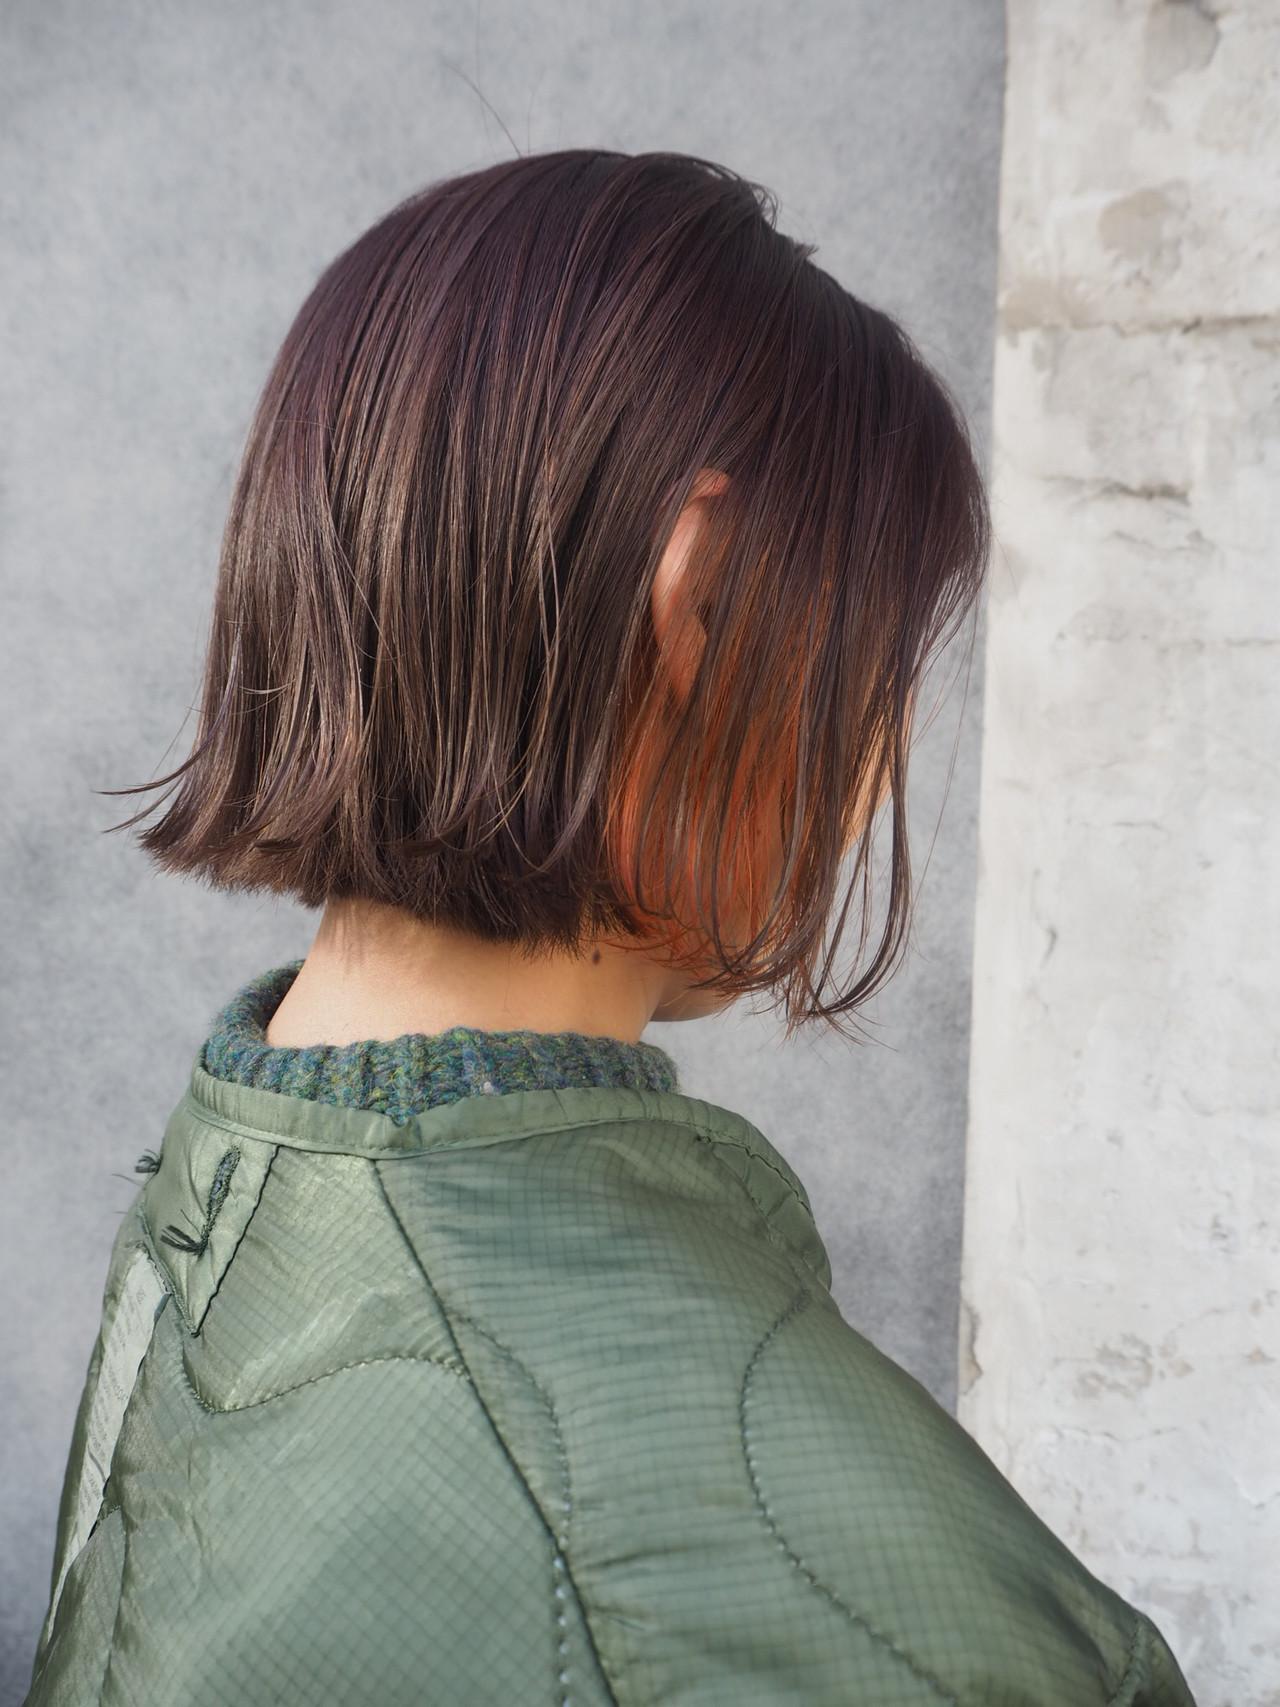 ナチュラル ボブ 切りっぱなし インナーカラー ヘアスタイルや髪型の写真・画像